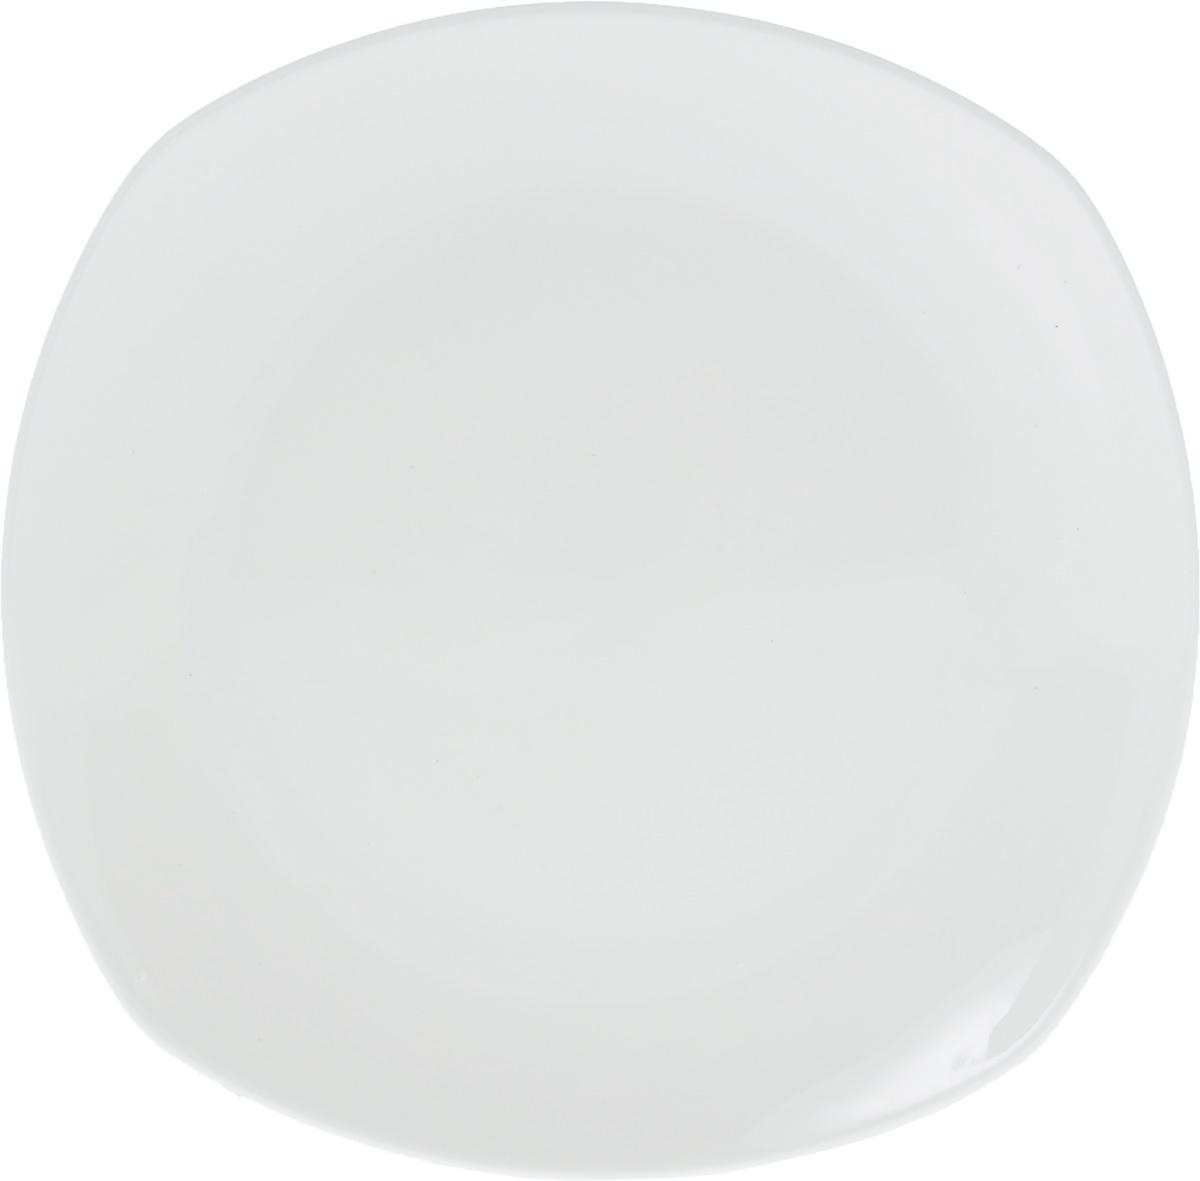 Тарелка Wilmax, 19,5 х 19,5 смVT-1520(SR)Тарелка Wilmax, изготовленная из высококачественного фарфора, имеет оригинальную форму. Изящный дизайн придется по вкусу и ценителям классики, и тем, кто предпочитает утонченность и изысканность. Тарелка Wilmax идеально подойдет для сервировки стола и станет отличным подарком к любому празднику.Можно мыть в посудомоечной машине и использовать в микроволновой печи. Размер тарелки (по верхнему краю): 19,5 х 19,5 см.